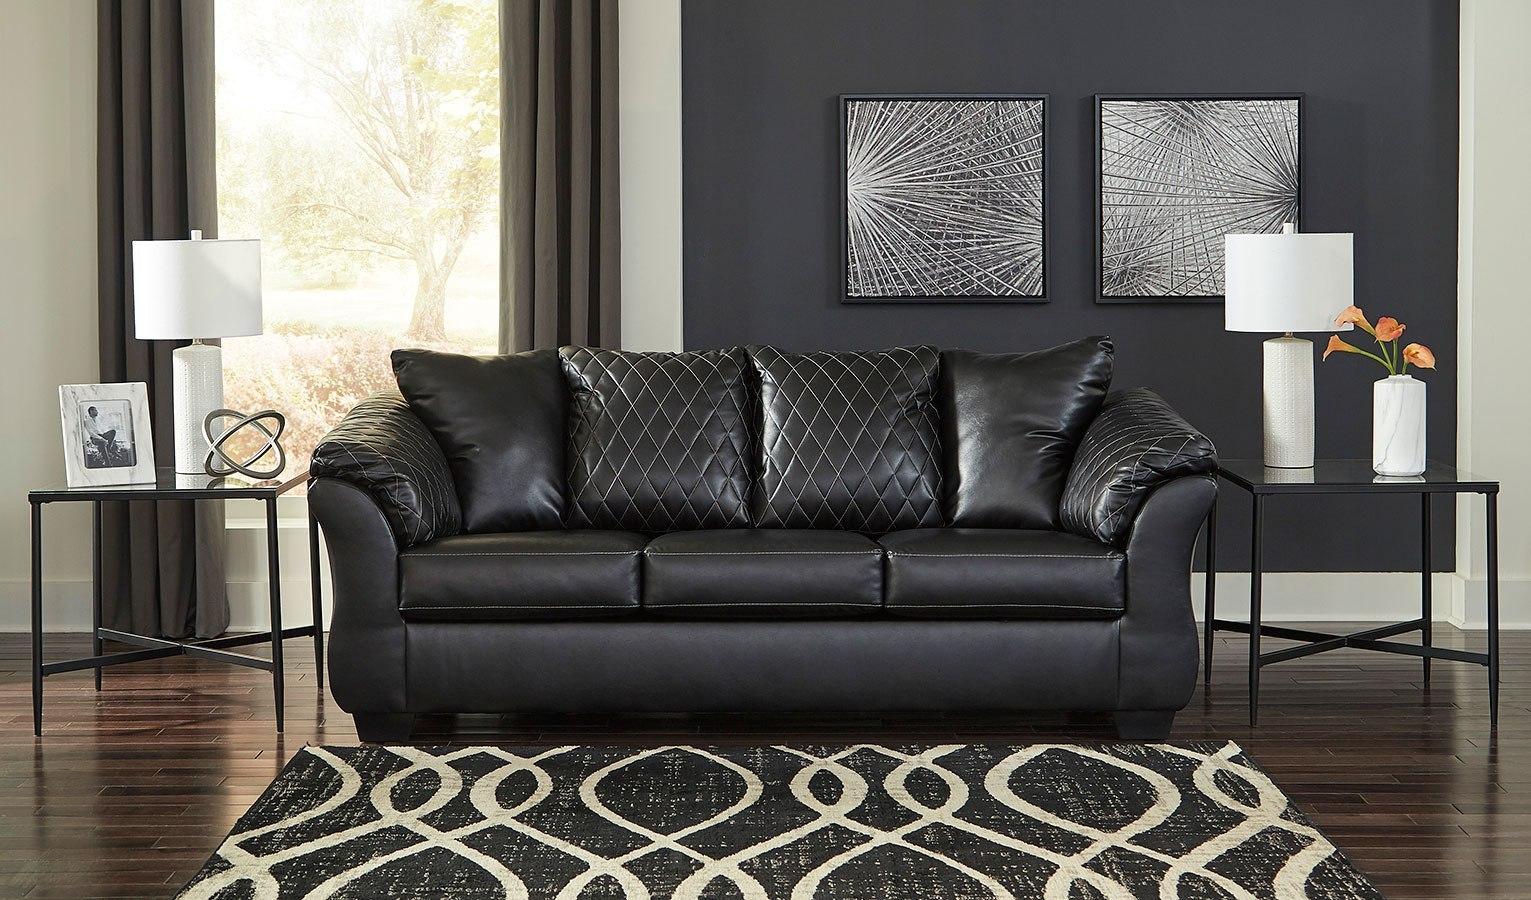 Betrillo Black Sofa By Signature Design By Ashley